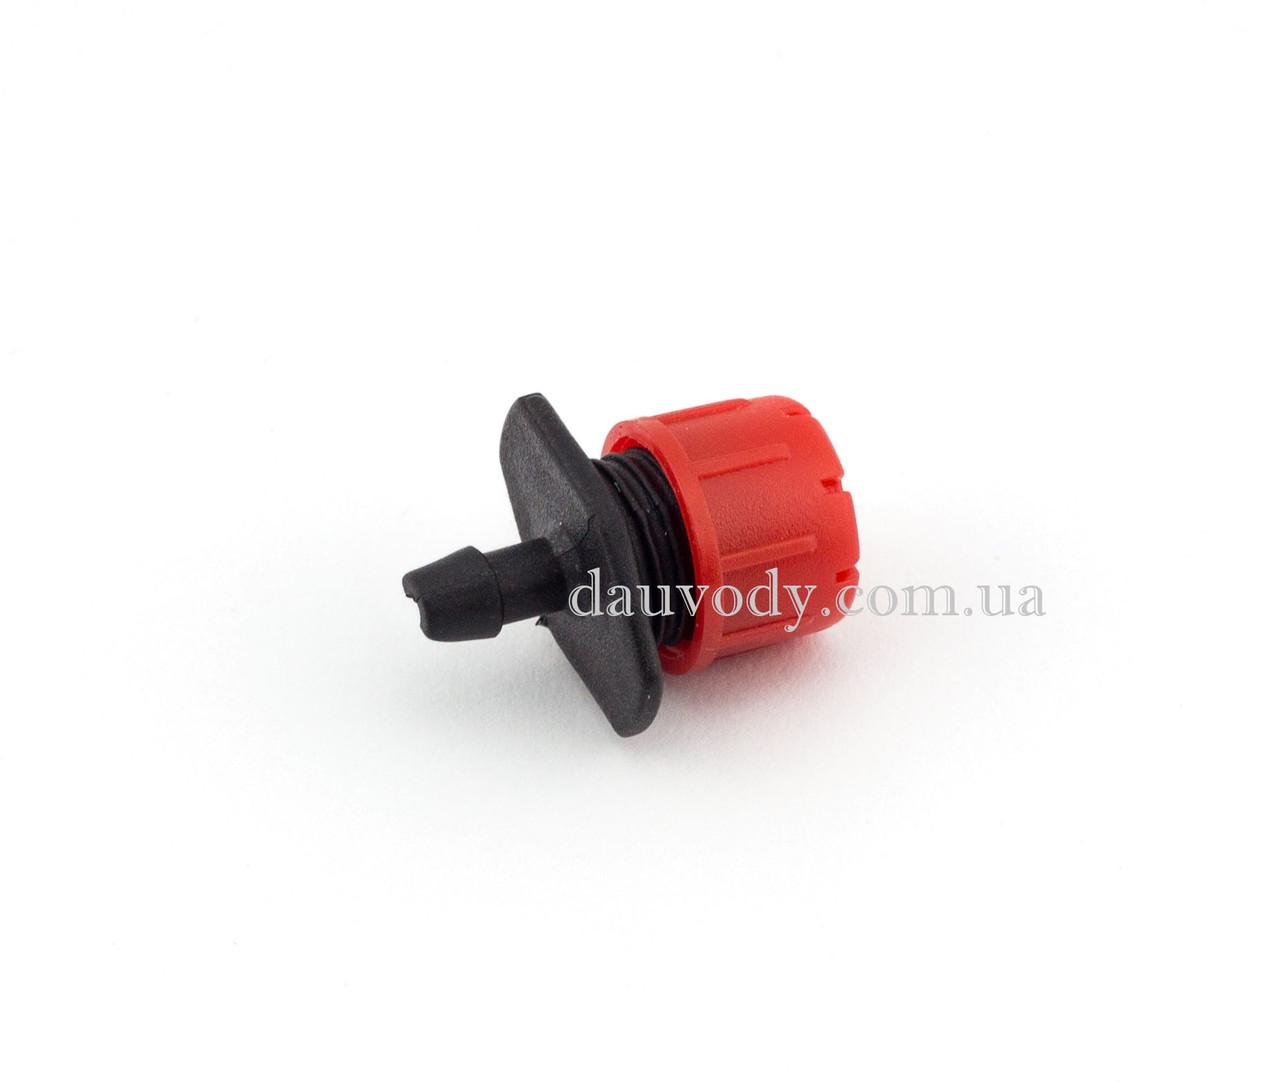 Капельница регулируемая 1-4 поток 0-70 (л/ч) для капельного полива